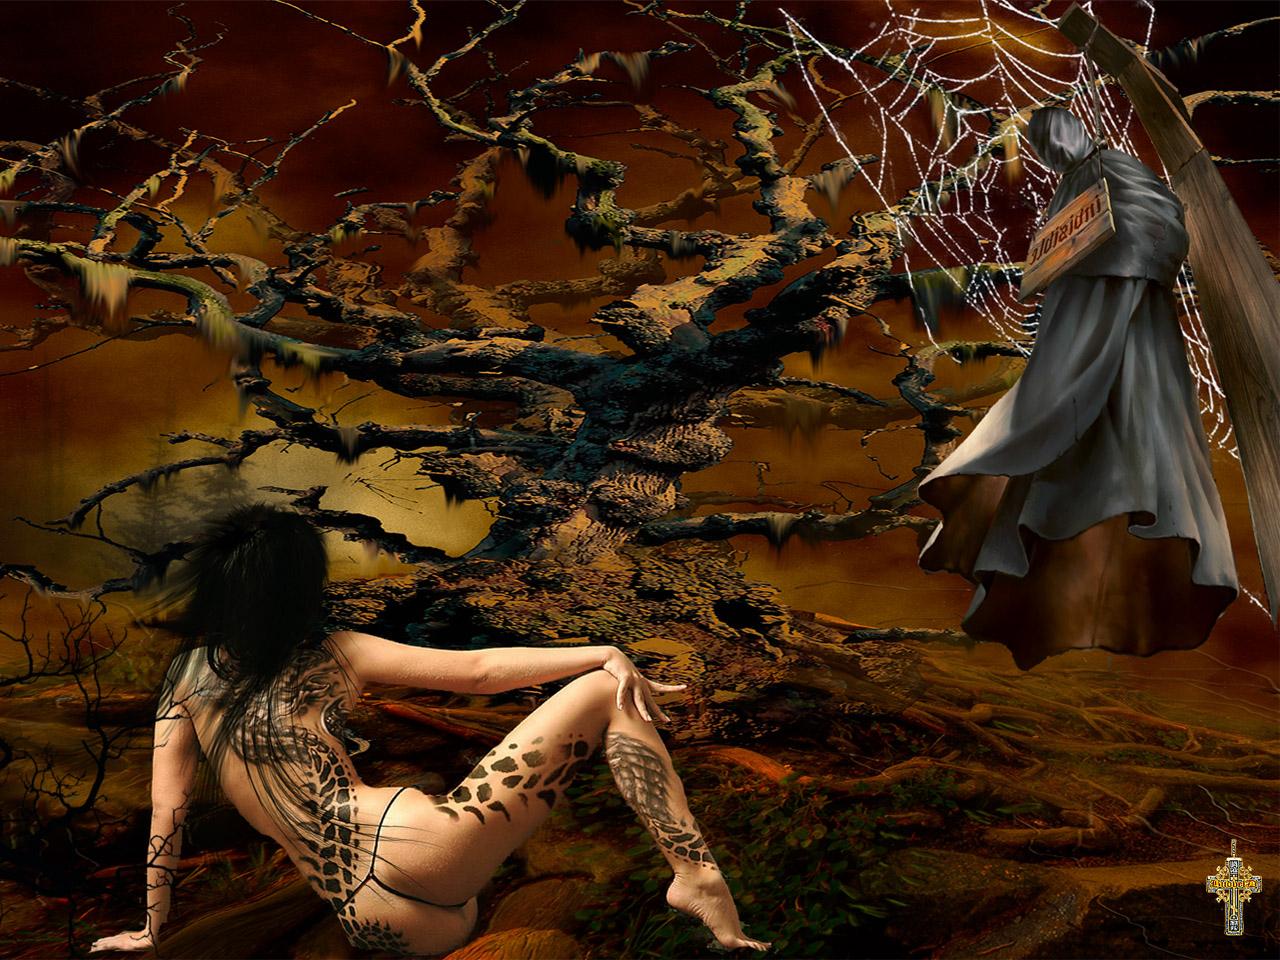 Husn ke nazare beautiful fantasy girl wallpapers - Nature ke wallpaper ...